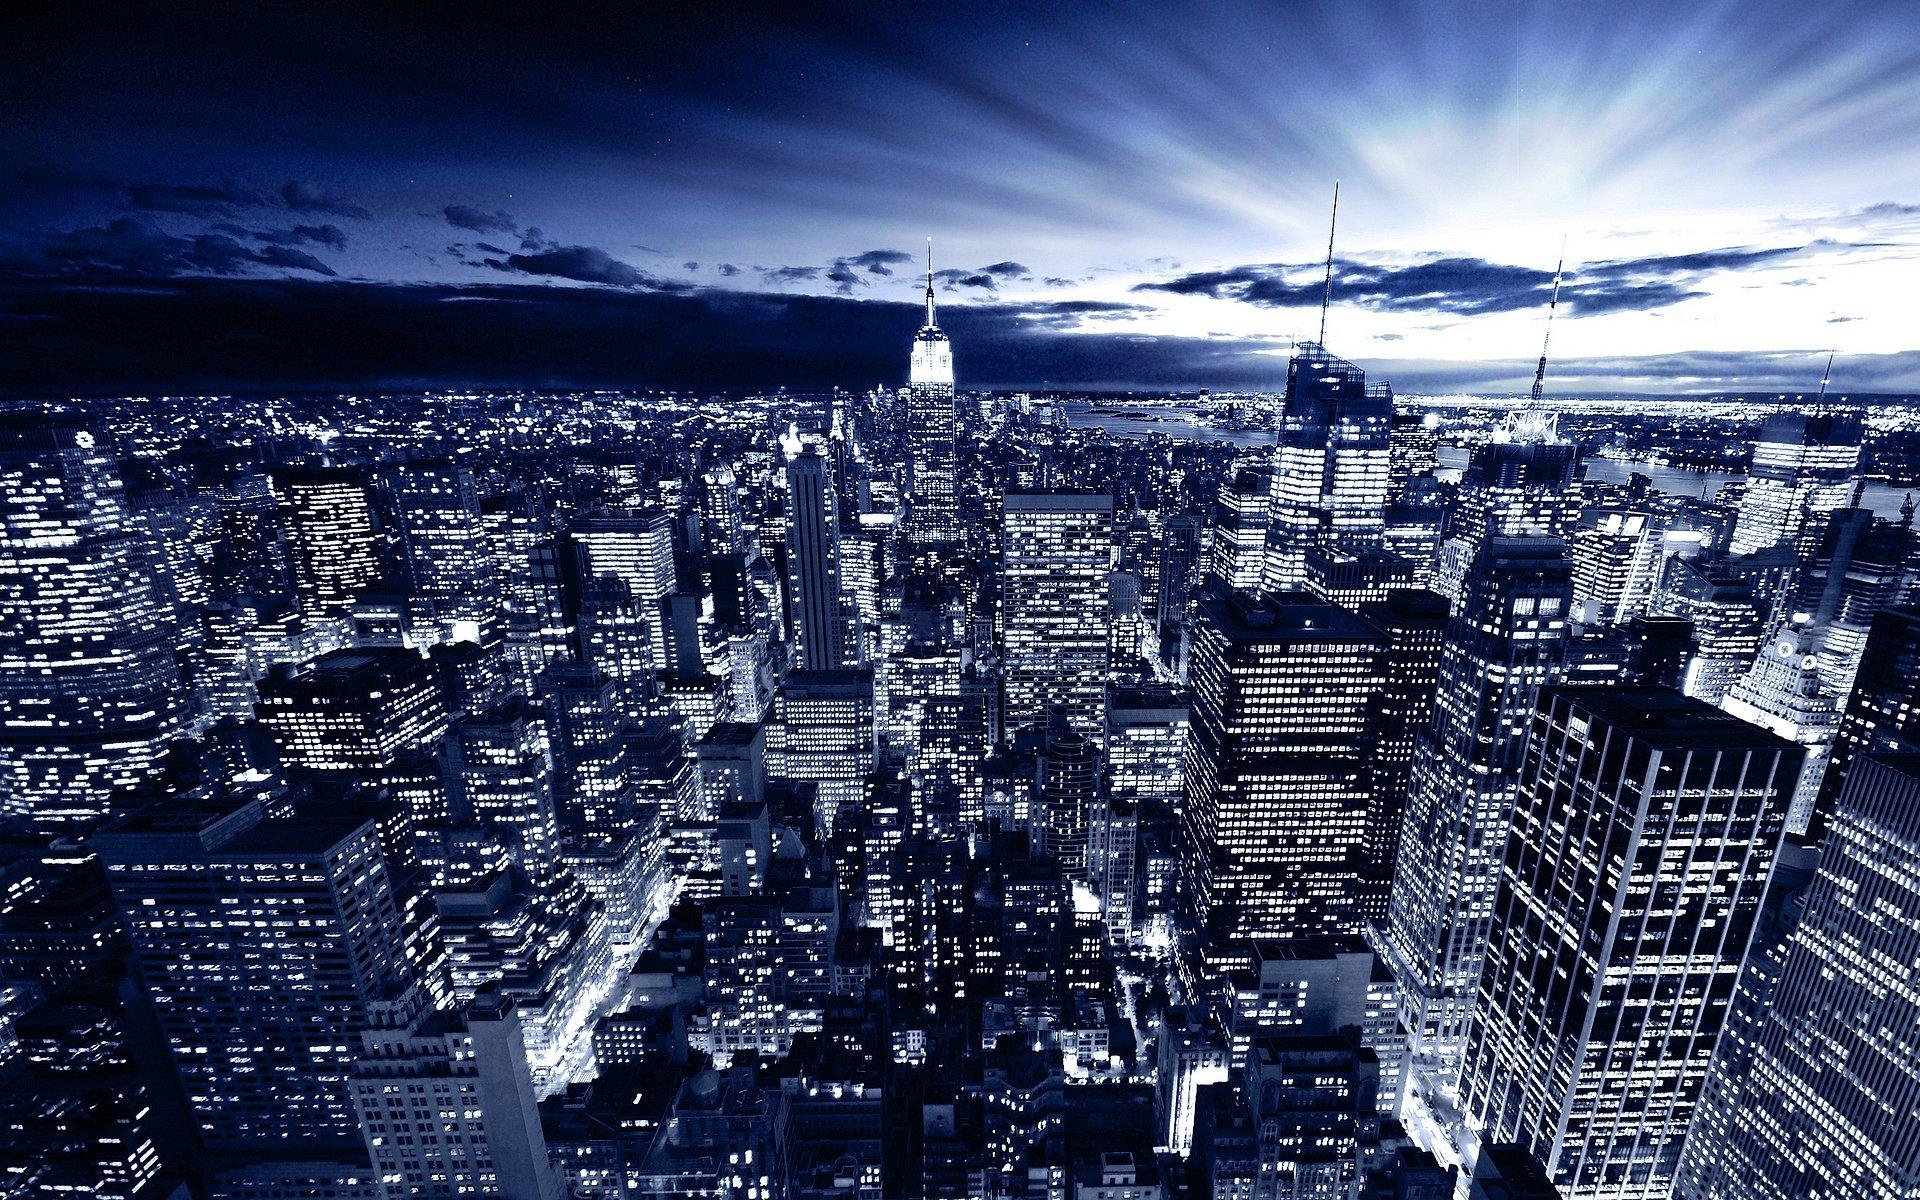 небоскребы ночь город  № 3358916 бесплатно